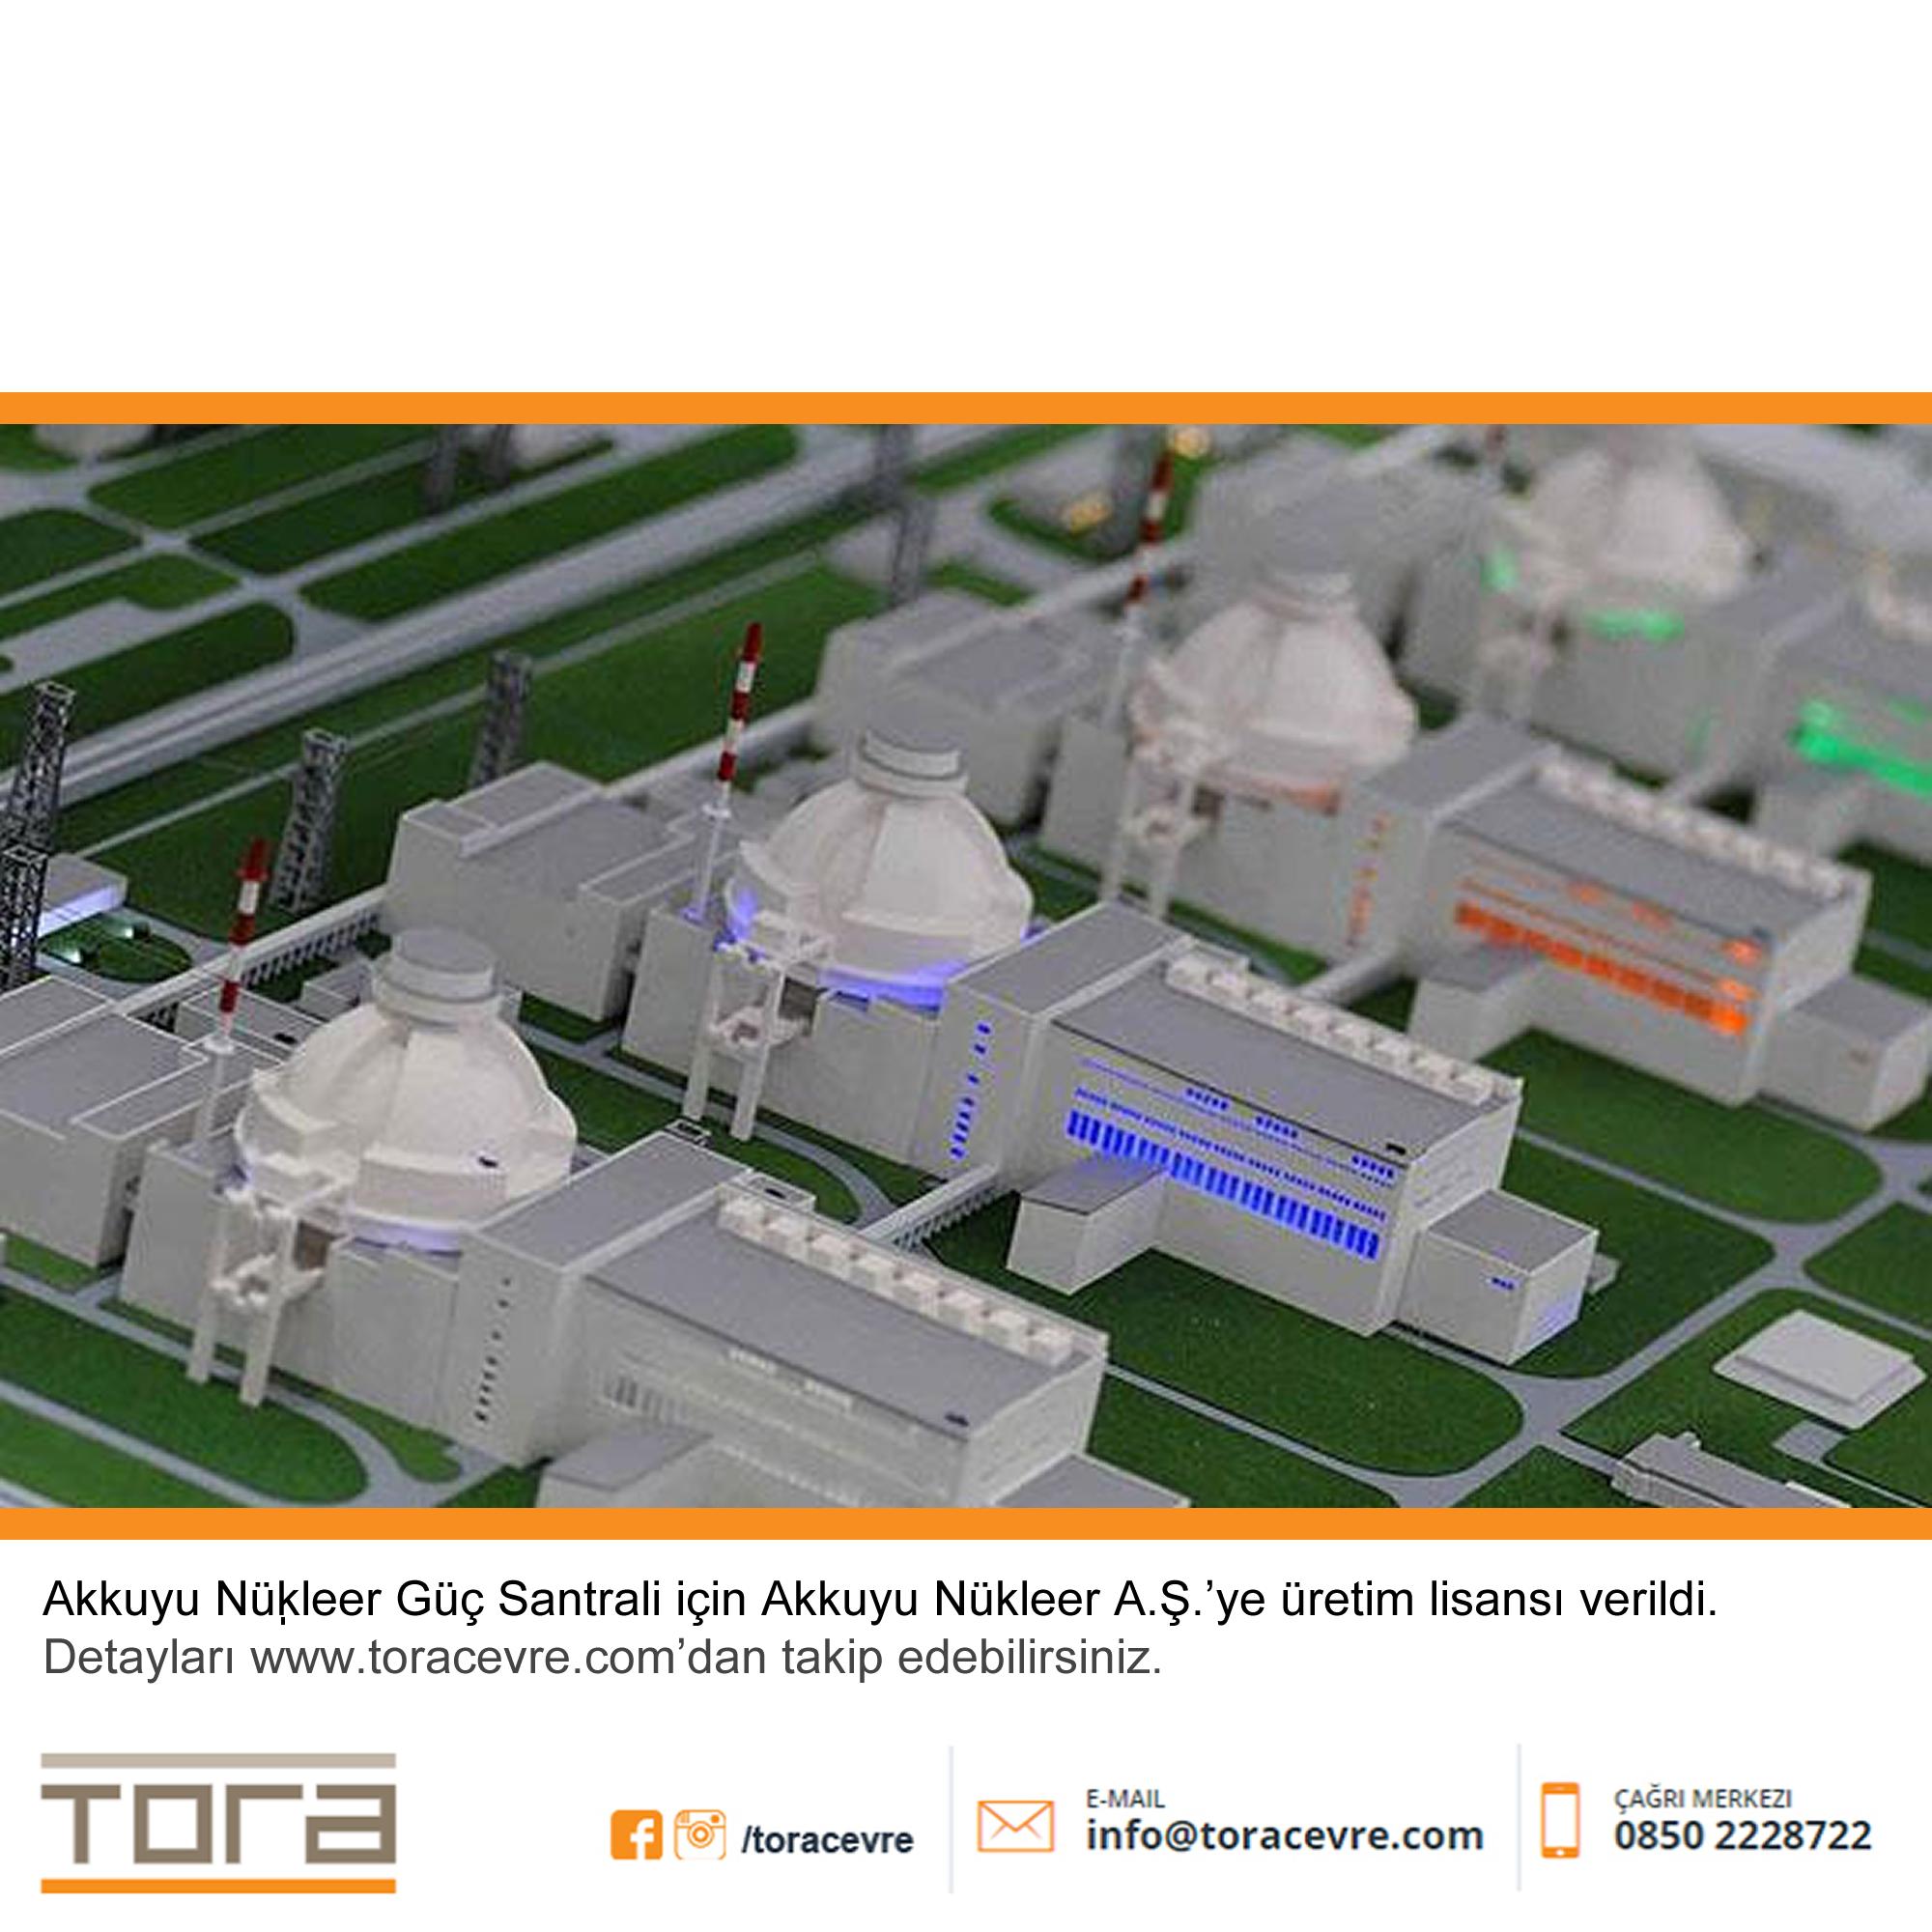 EPDK Akkuyu Nükleer Güç Santrali için Akkuyu Nükleer A.Ş.'ye üretim lisansı verdi